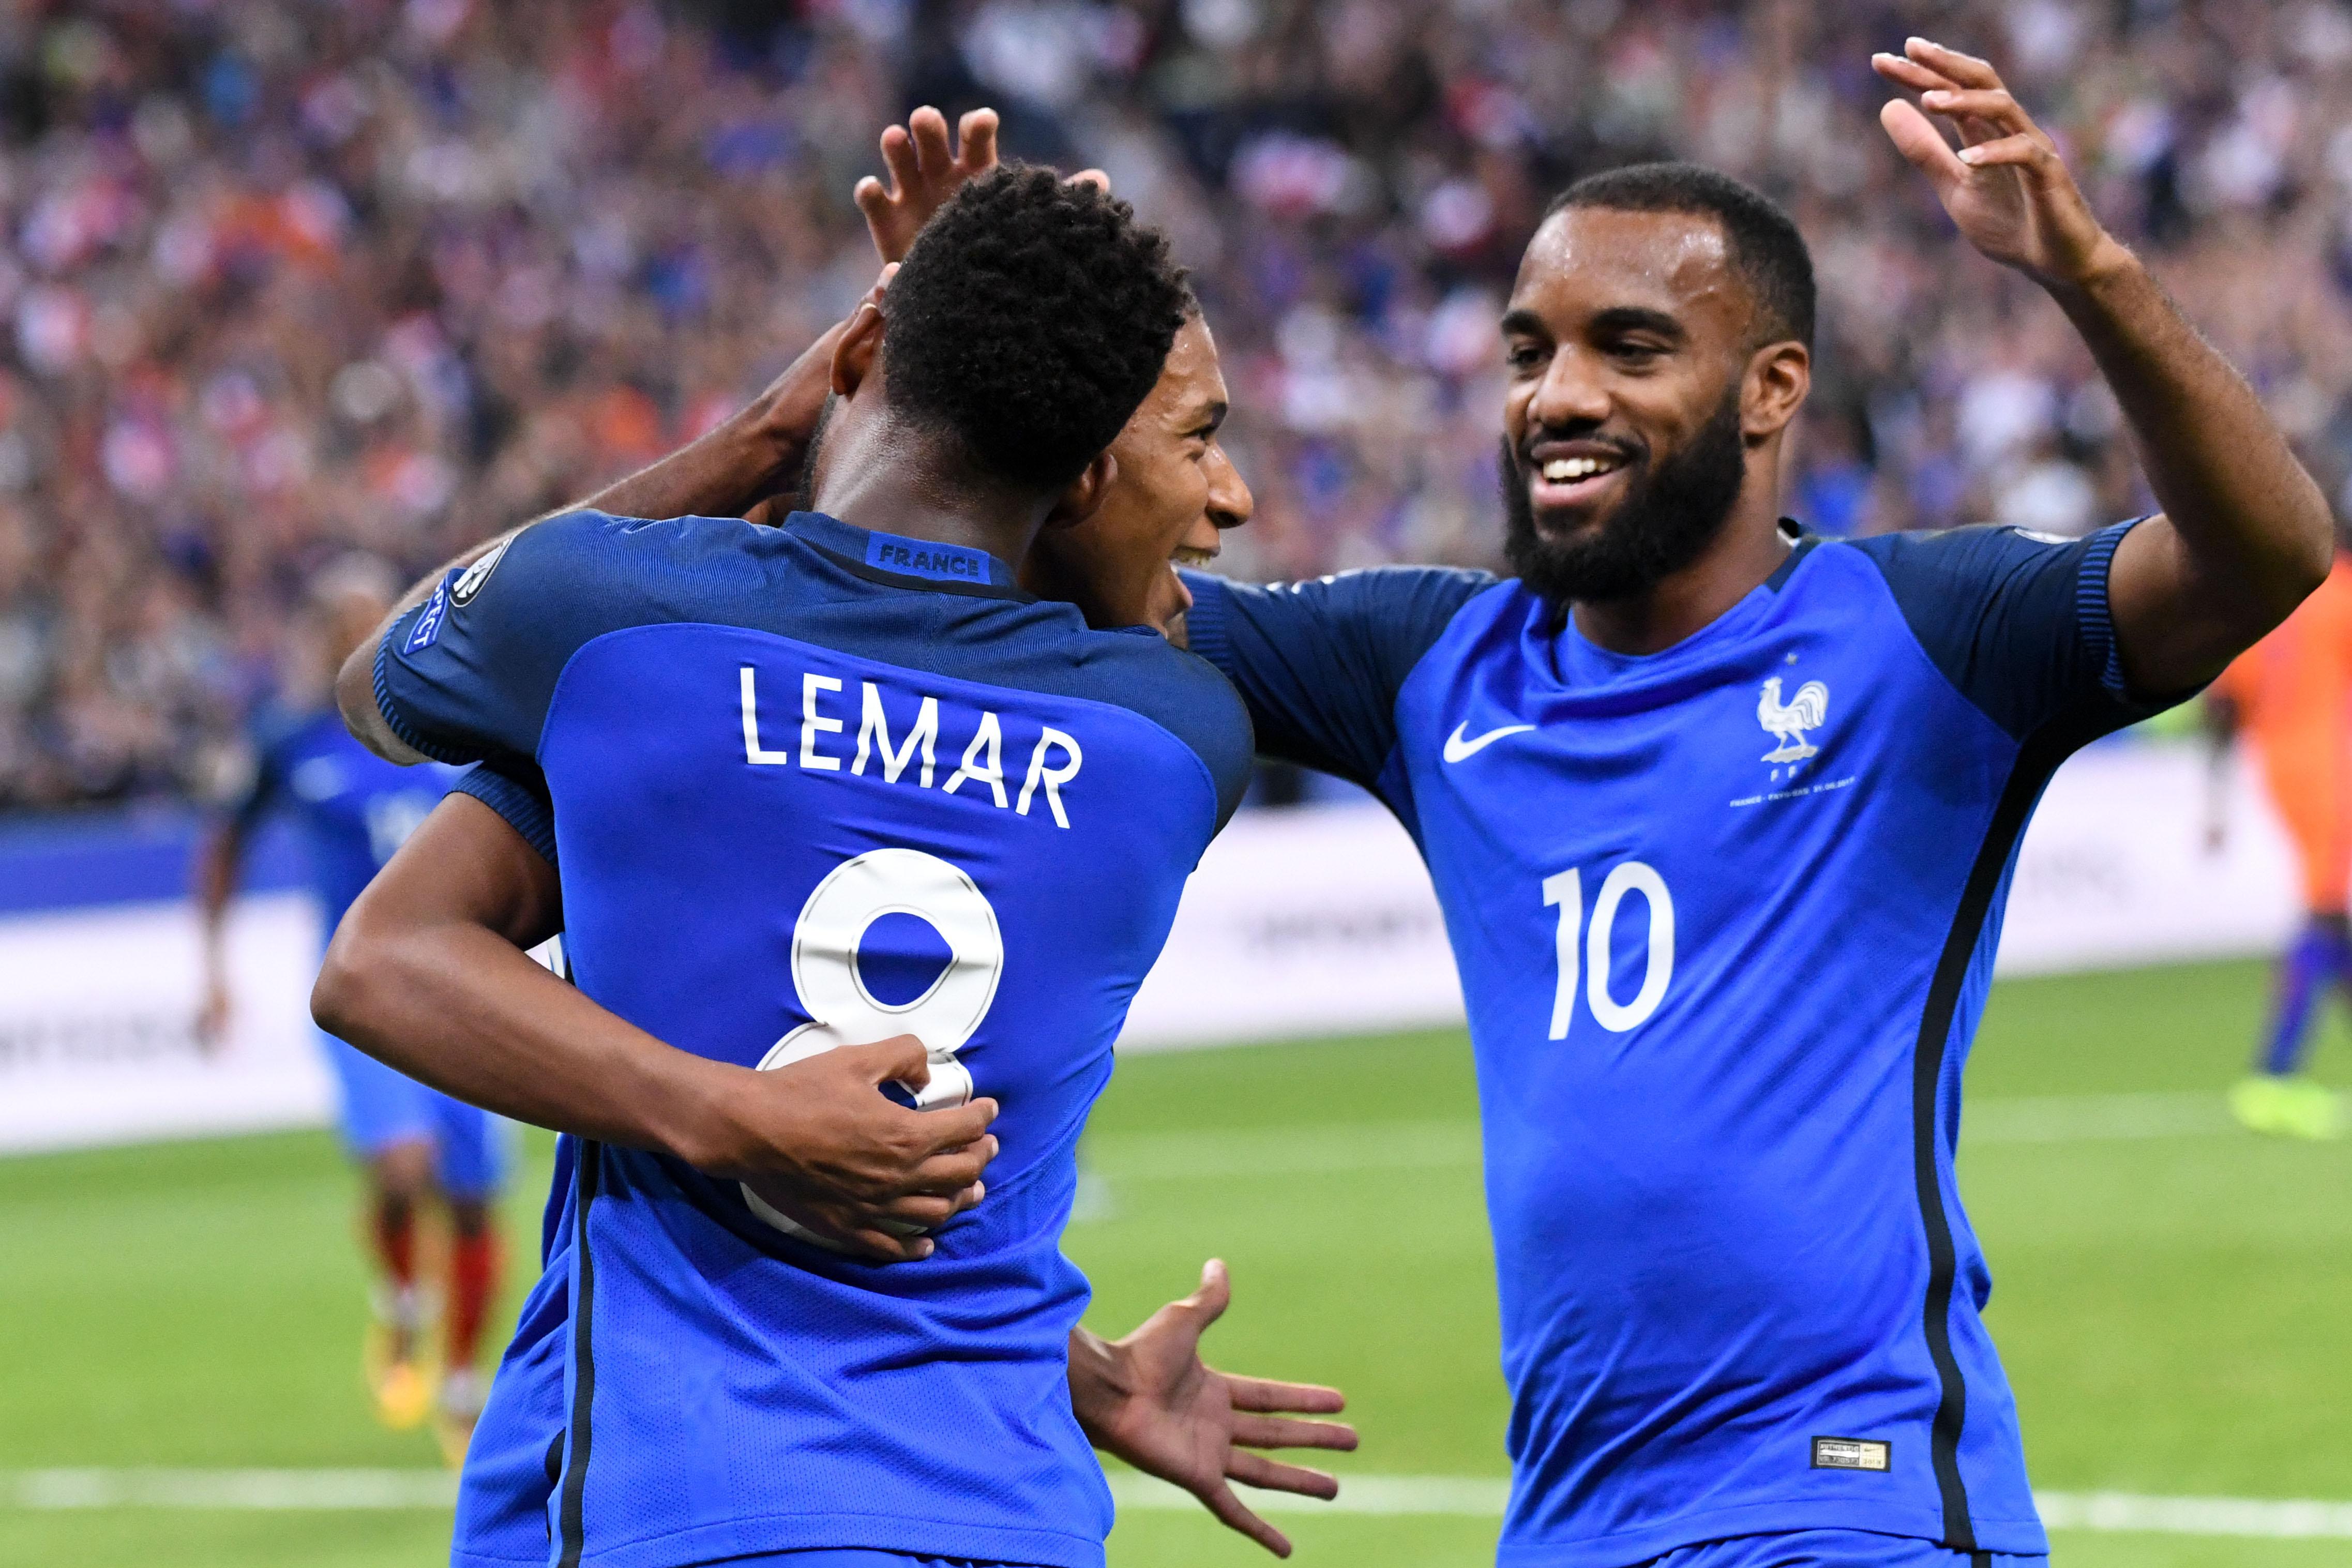 Football - Transferts - Le journal du mercato : un échange Lacazette-Lemar cet été ?